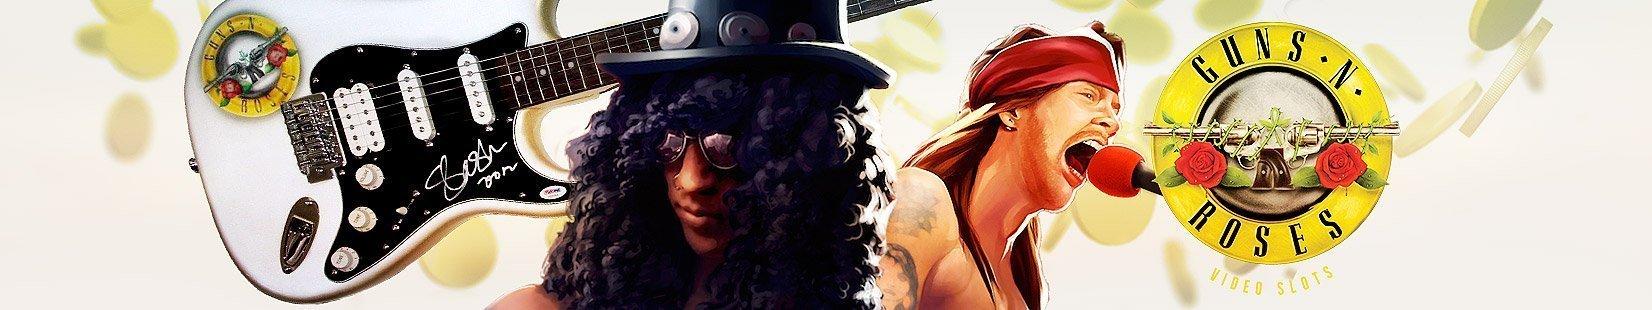 Guns N Roses - spelautomat hos InstaCasino